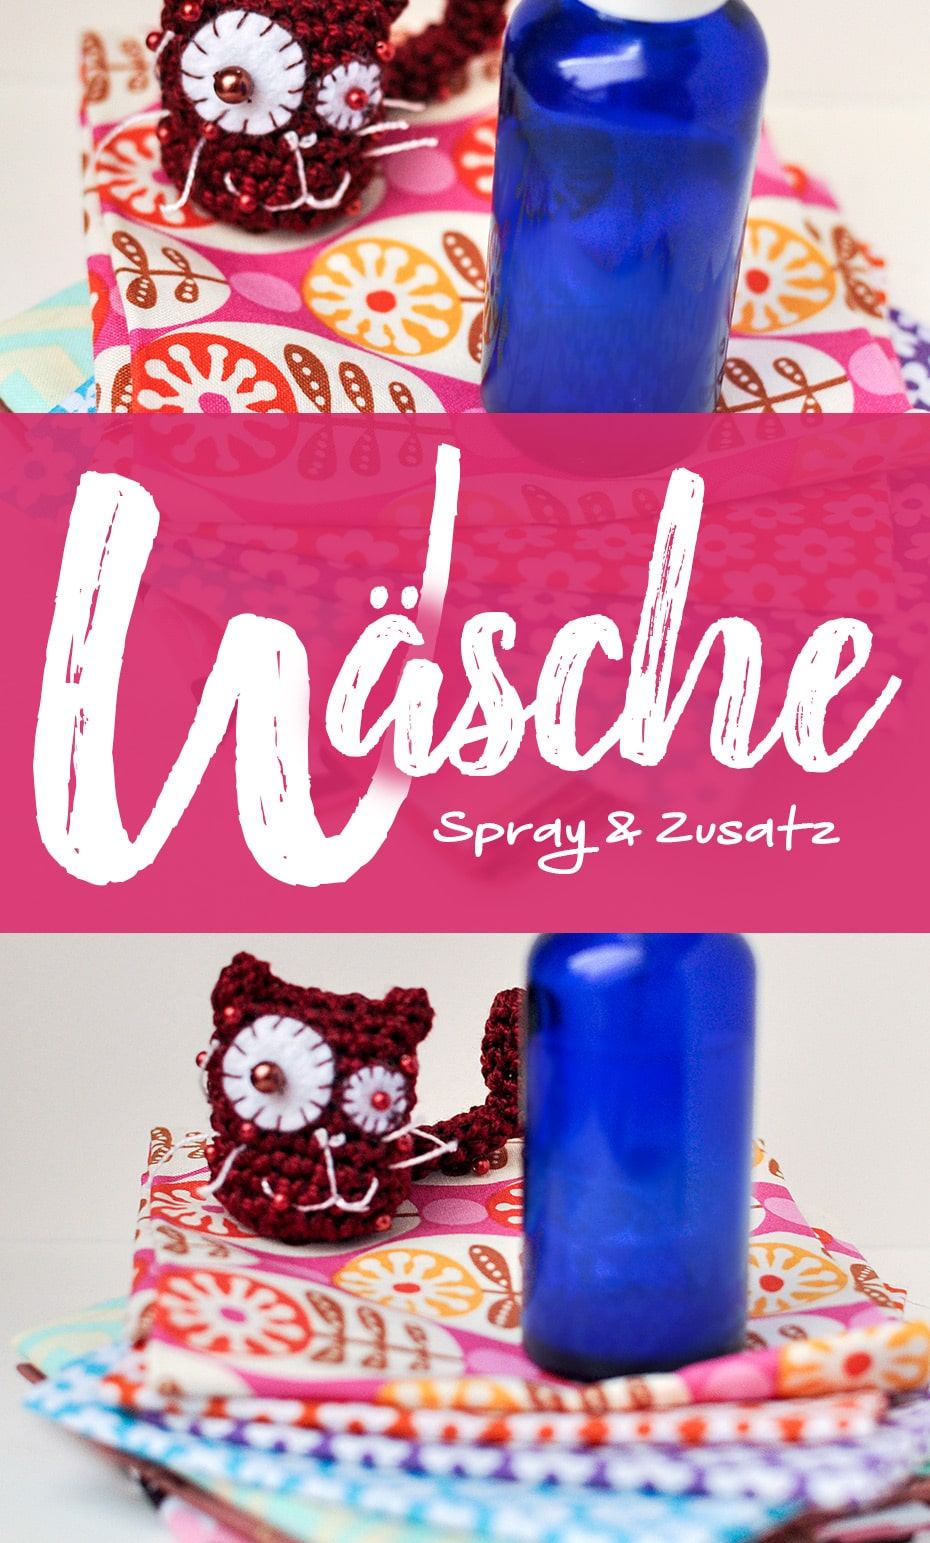 Lemongrass Fresh Wäscheduft, Spray & Waschzusatz | Schwatz Katz